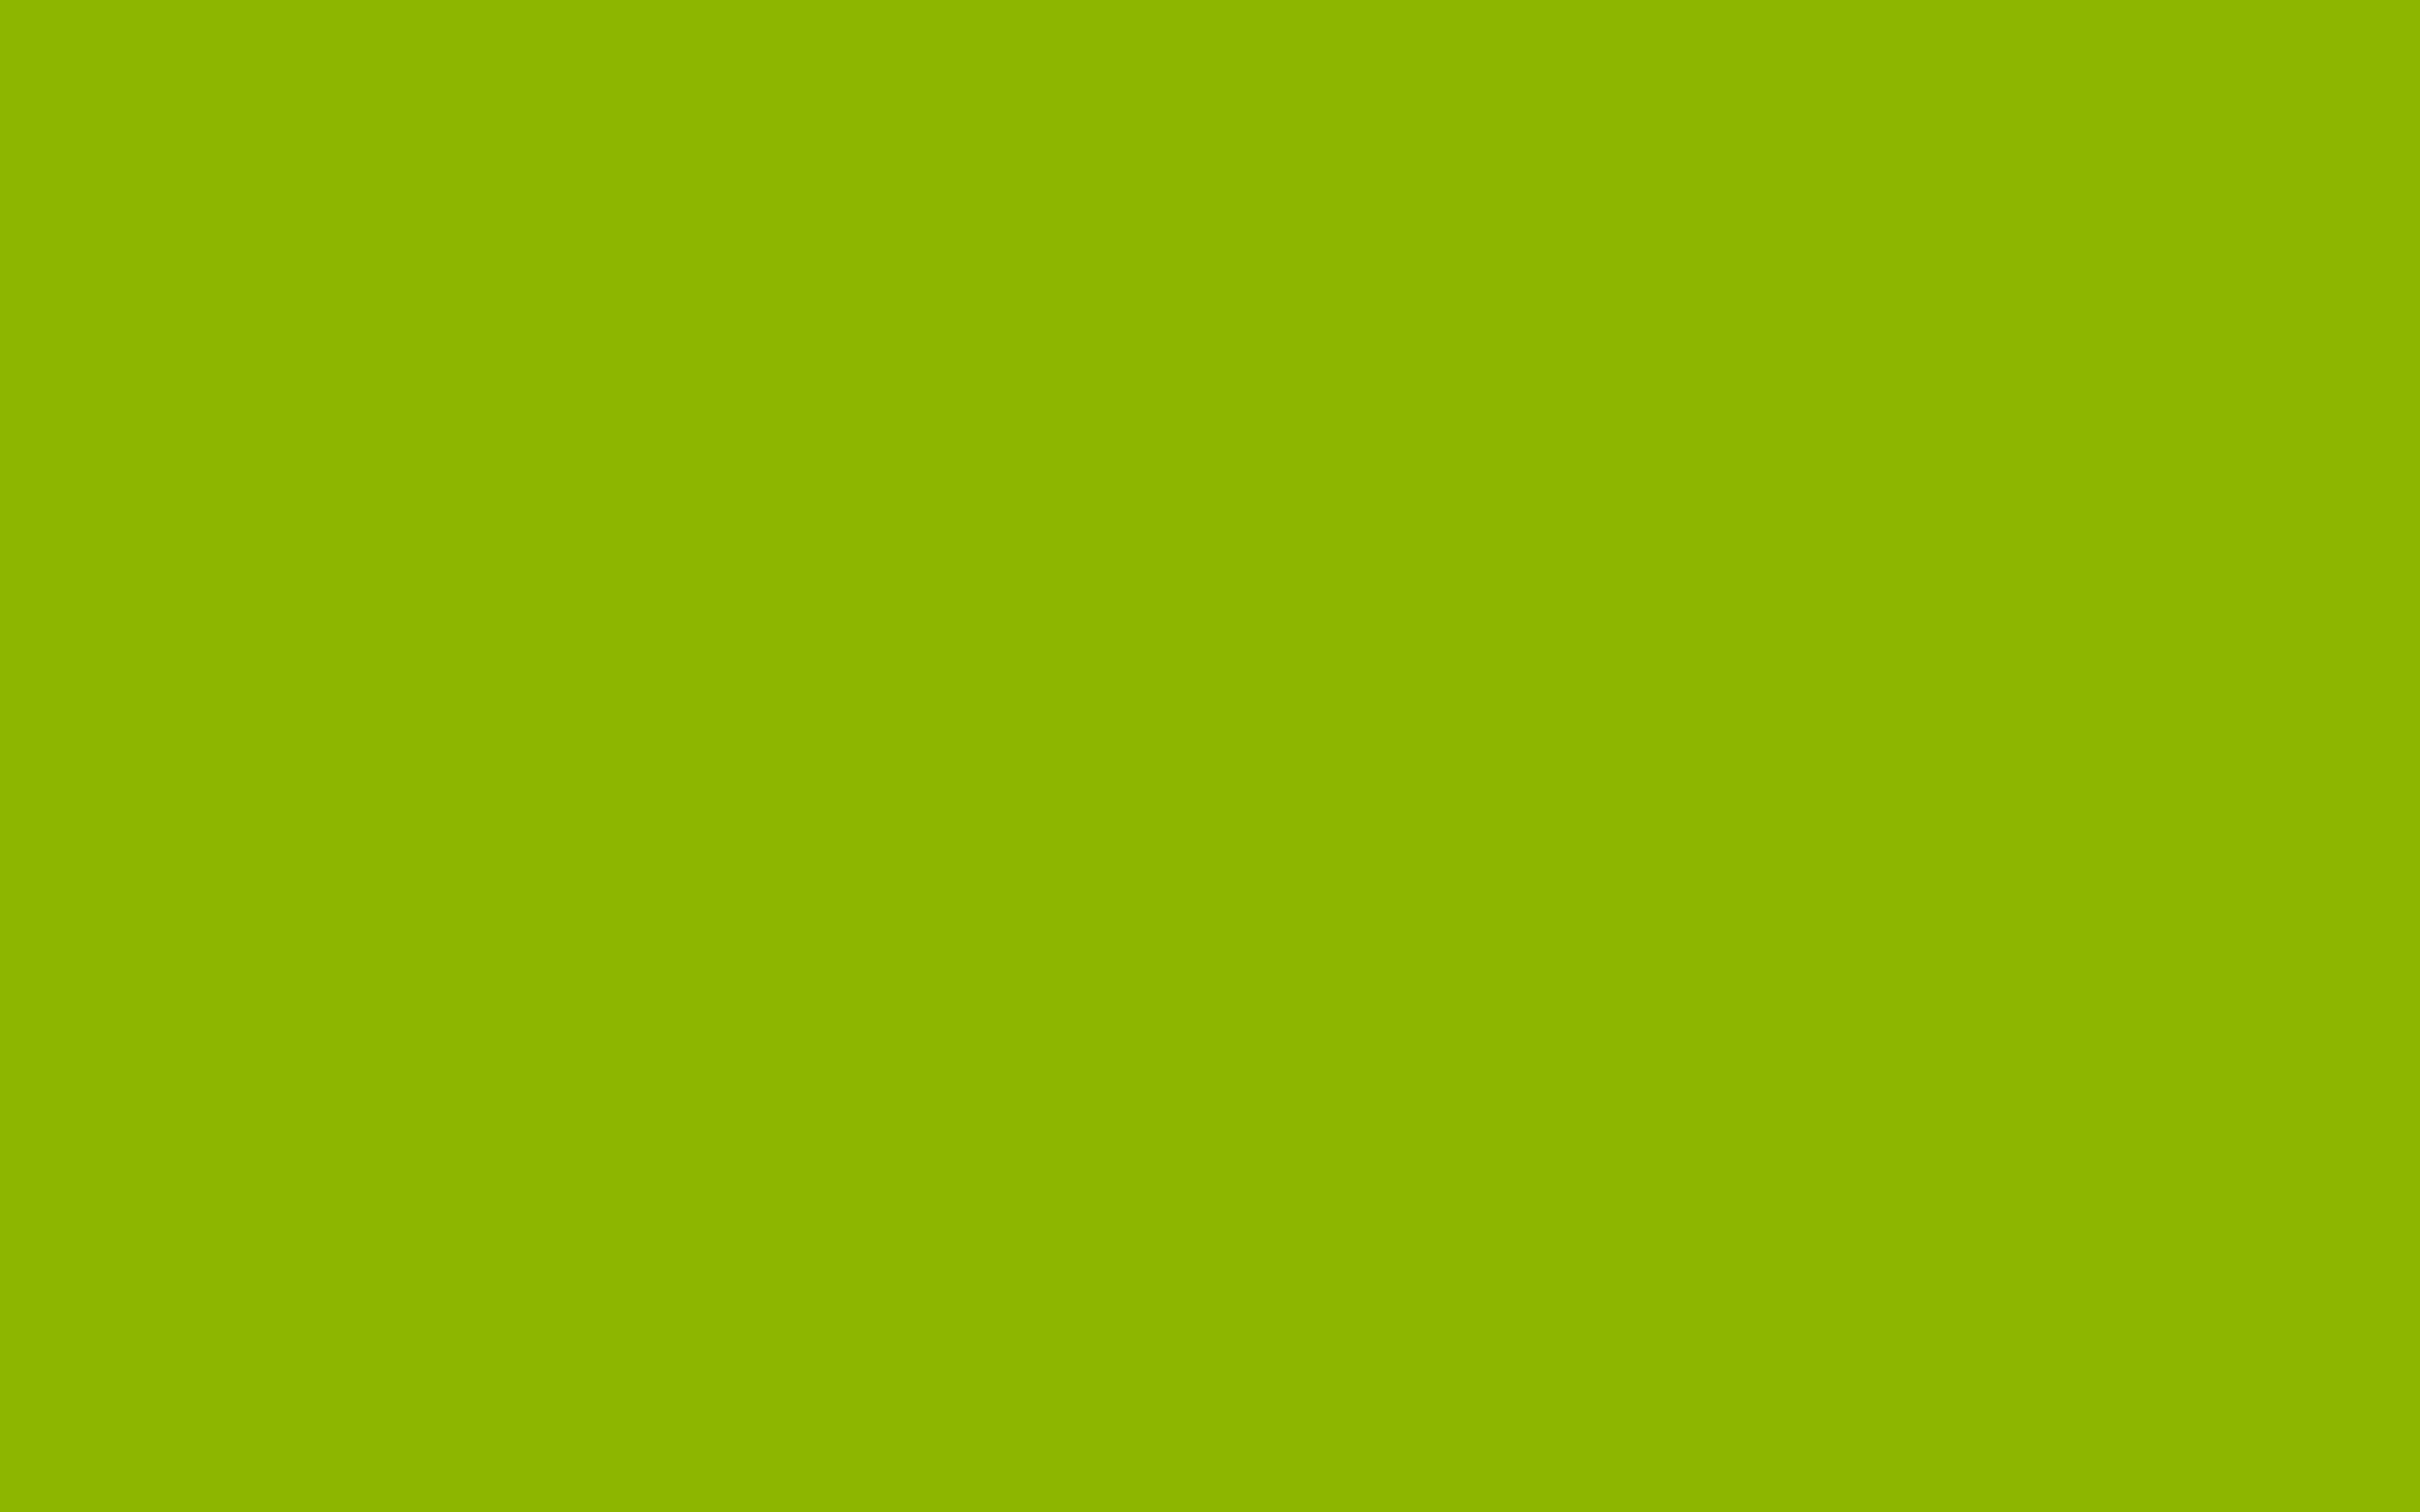 2560x1600 apple green solid color background. Black Bedroom Furniture Sets. Home Design Ideas